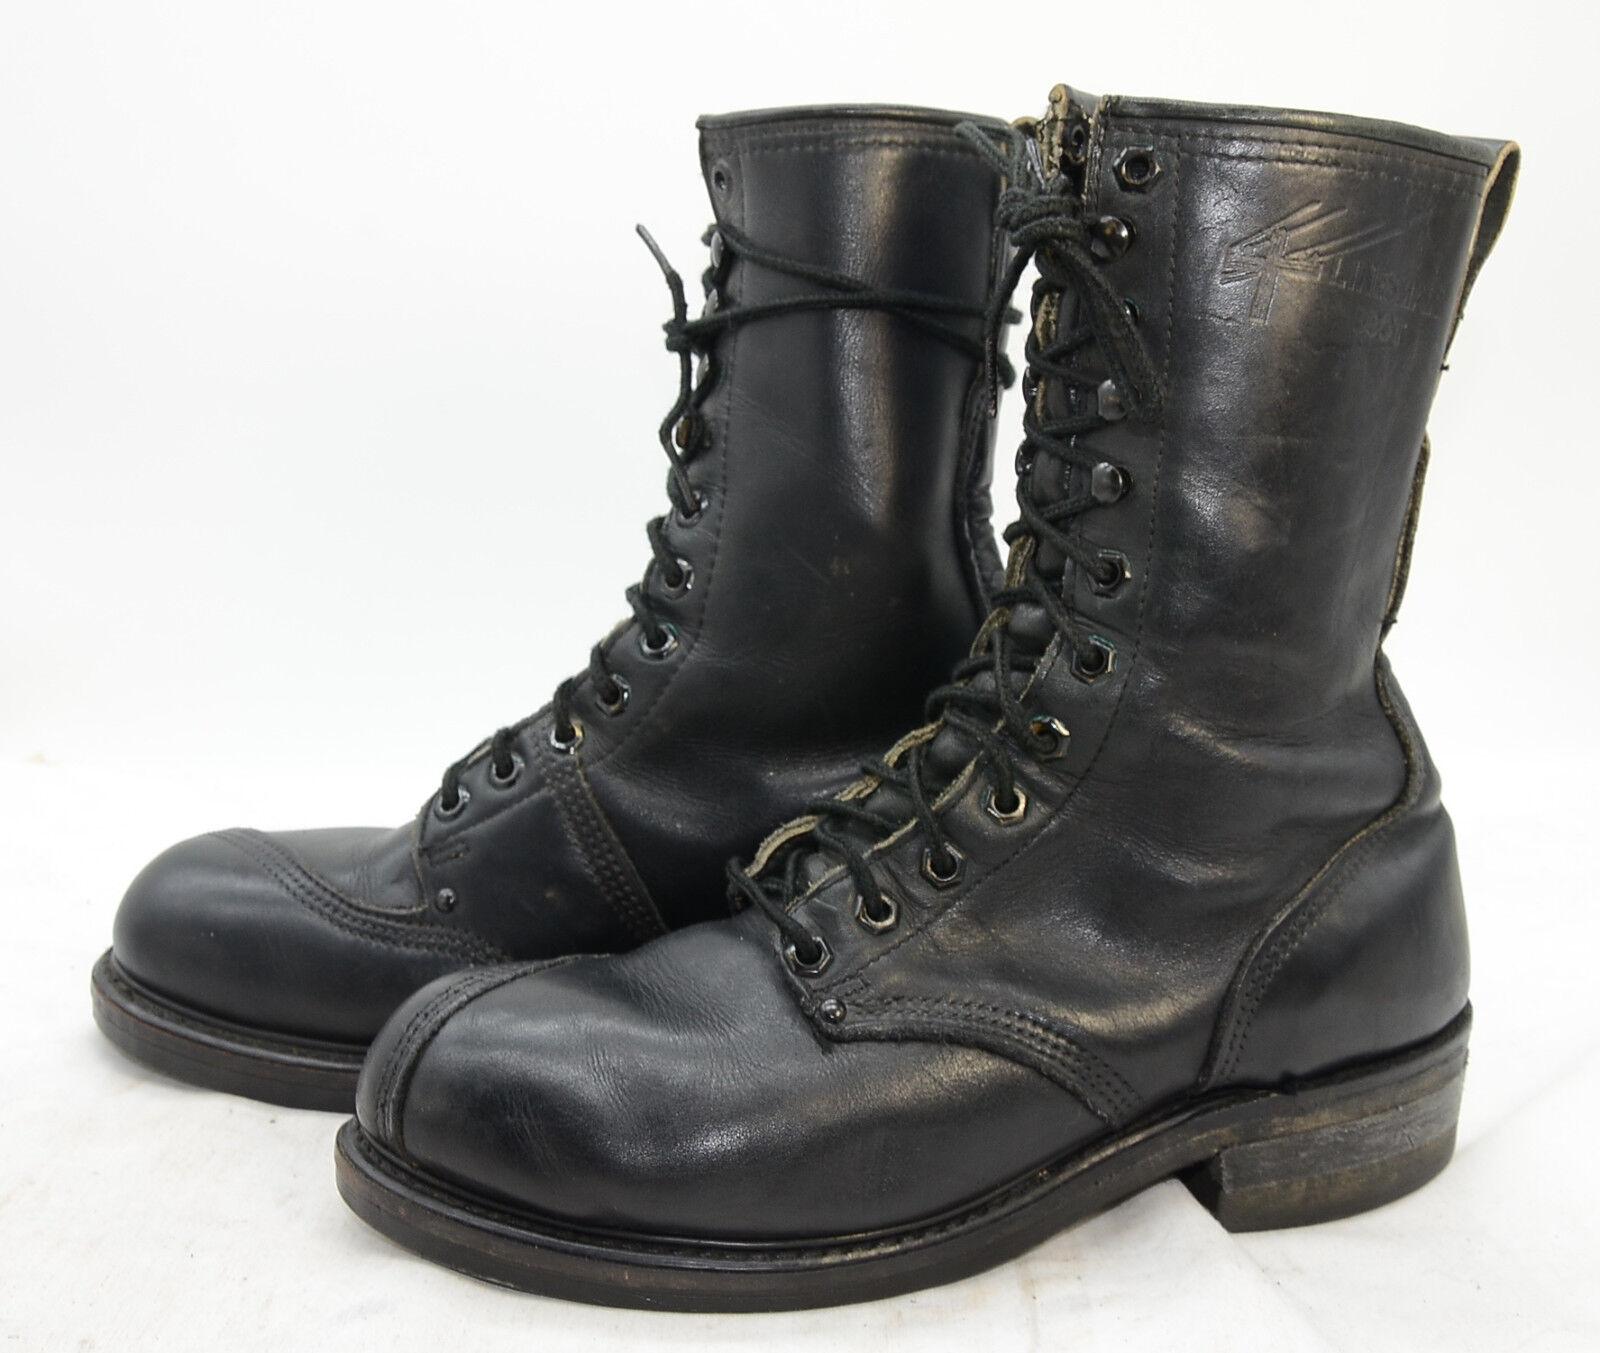 LINESMAN Stiefel Mens Sz 8 Steel Toe Leather HEAVY DUTY Work Logger Biker Stiefel